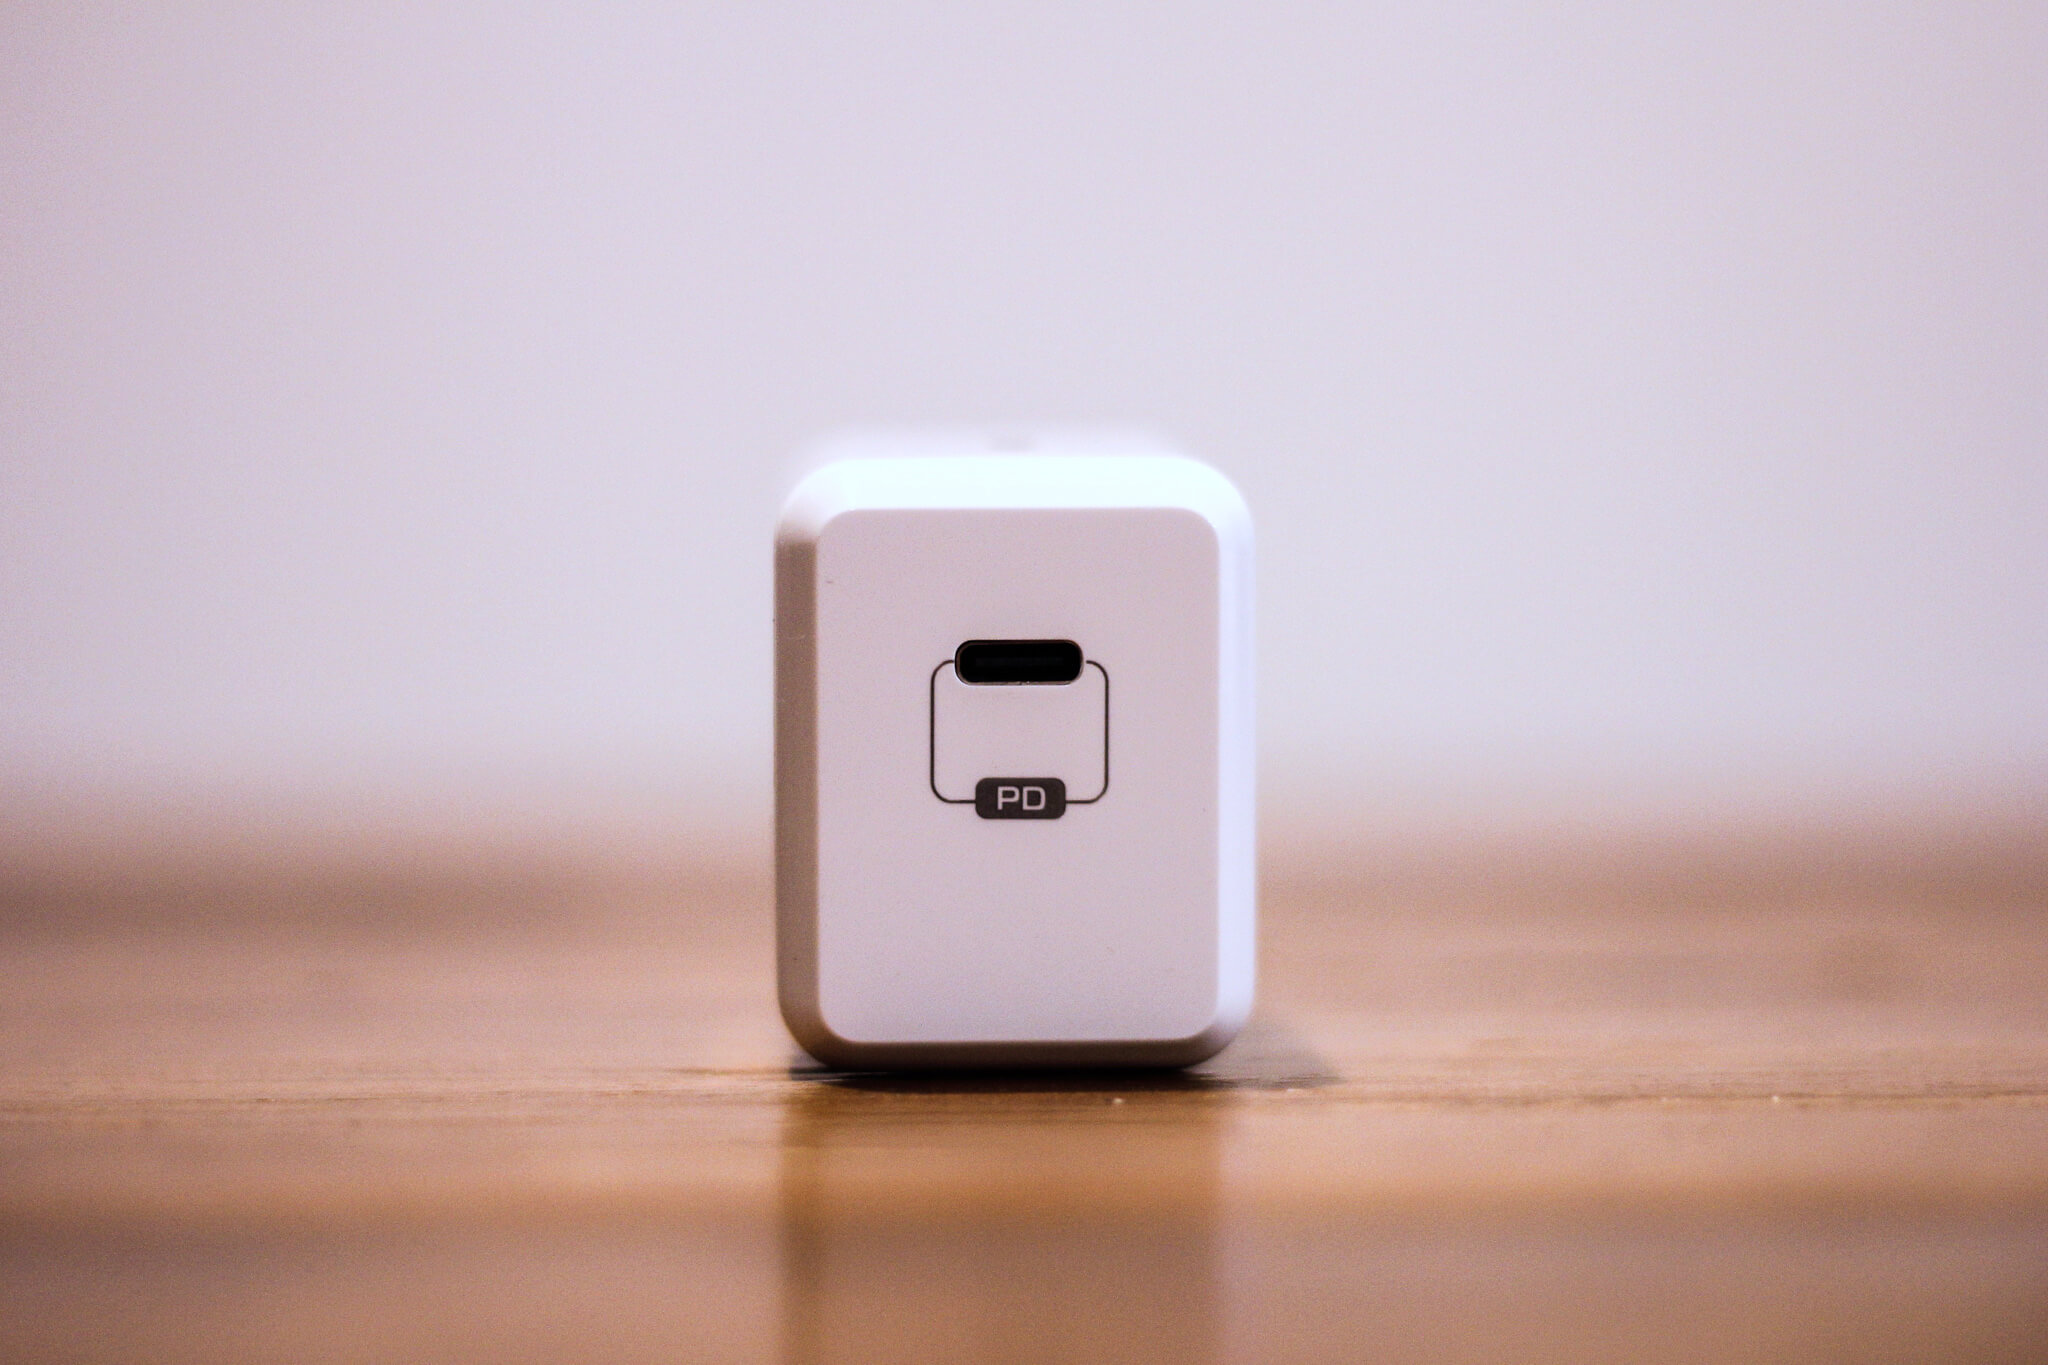 USB C Type-C×1ポート